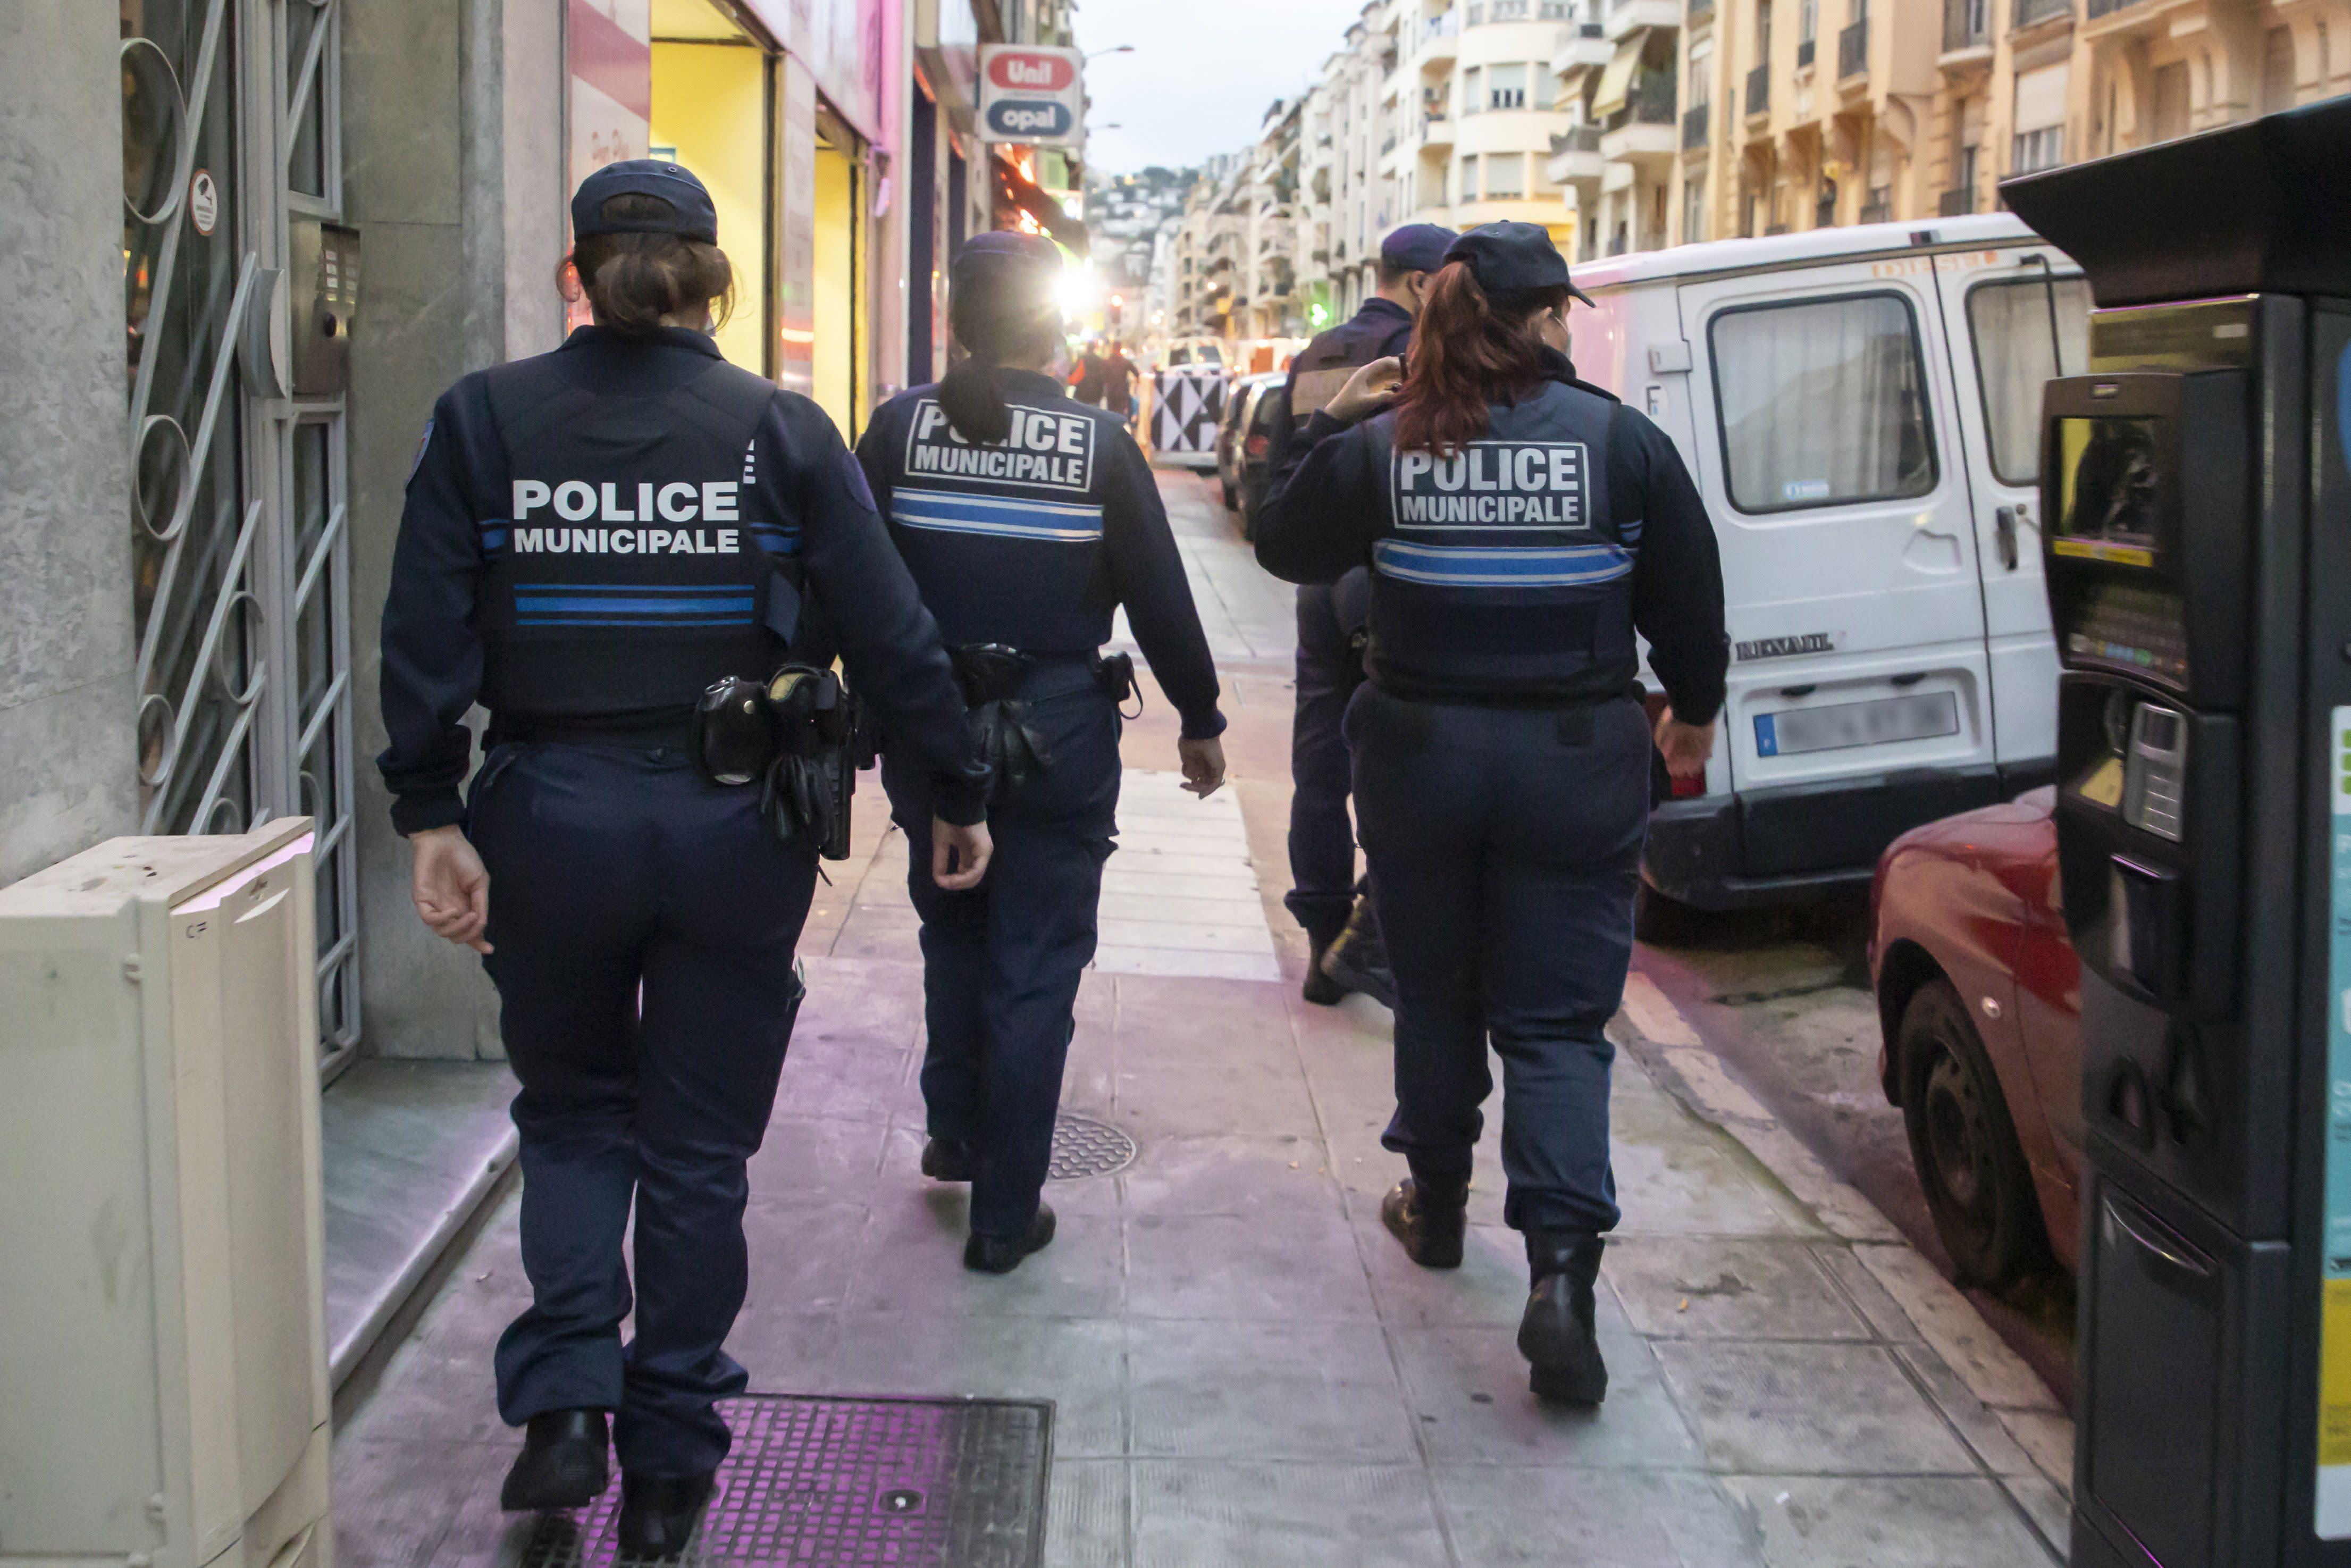 Police municipale, rôle des maires: un rapport du Sénat vise à améliorer la sécurité dans les territoires